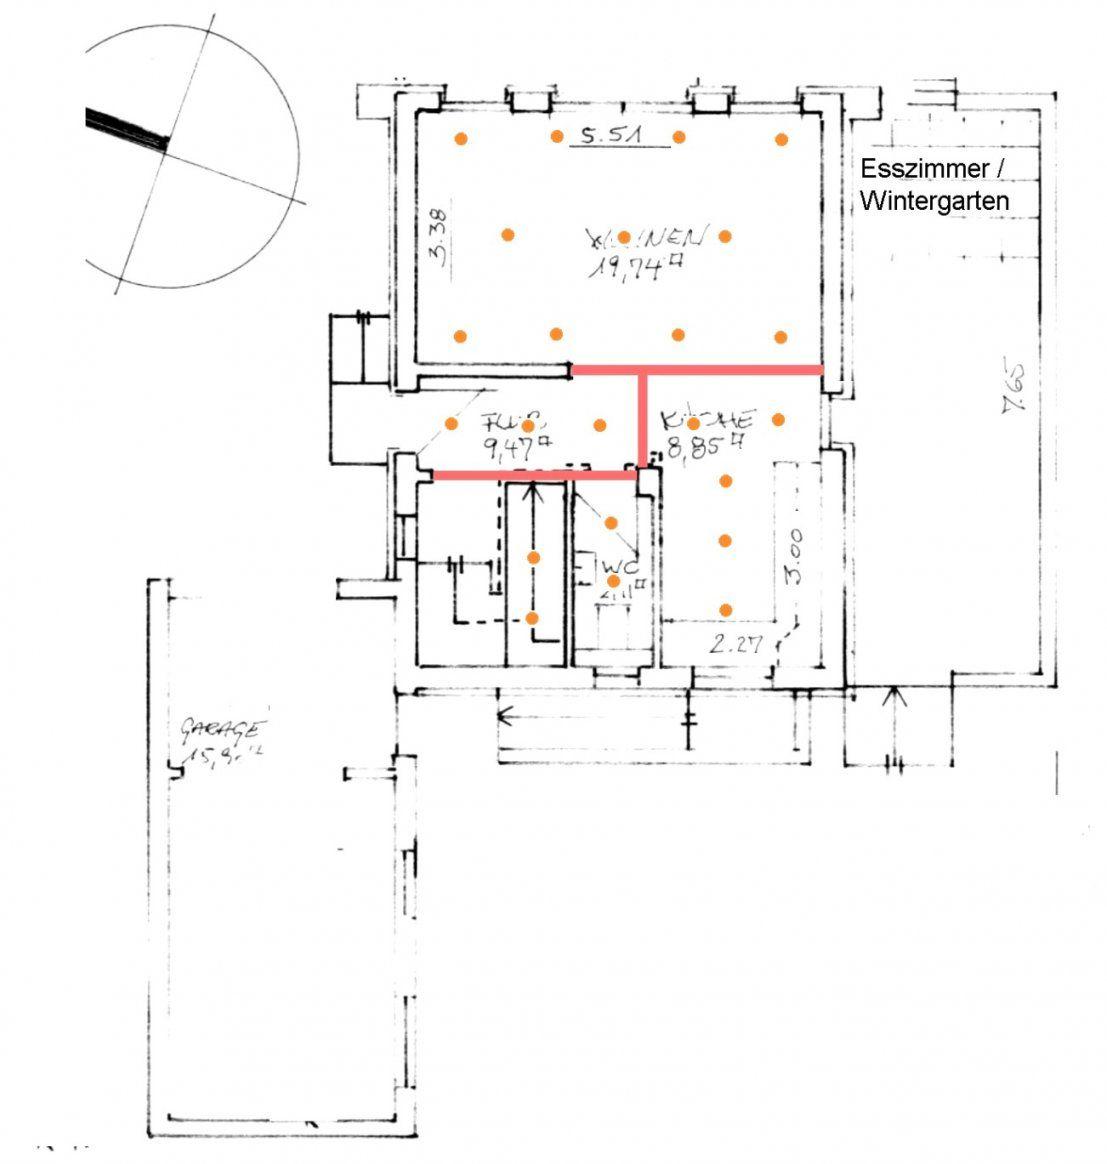 Interessant 37 Einbaustrahler Decke Anordnung Ideen Zum Led Spots von Led Spots Decke Abstand Photo